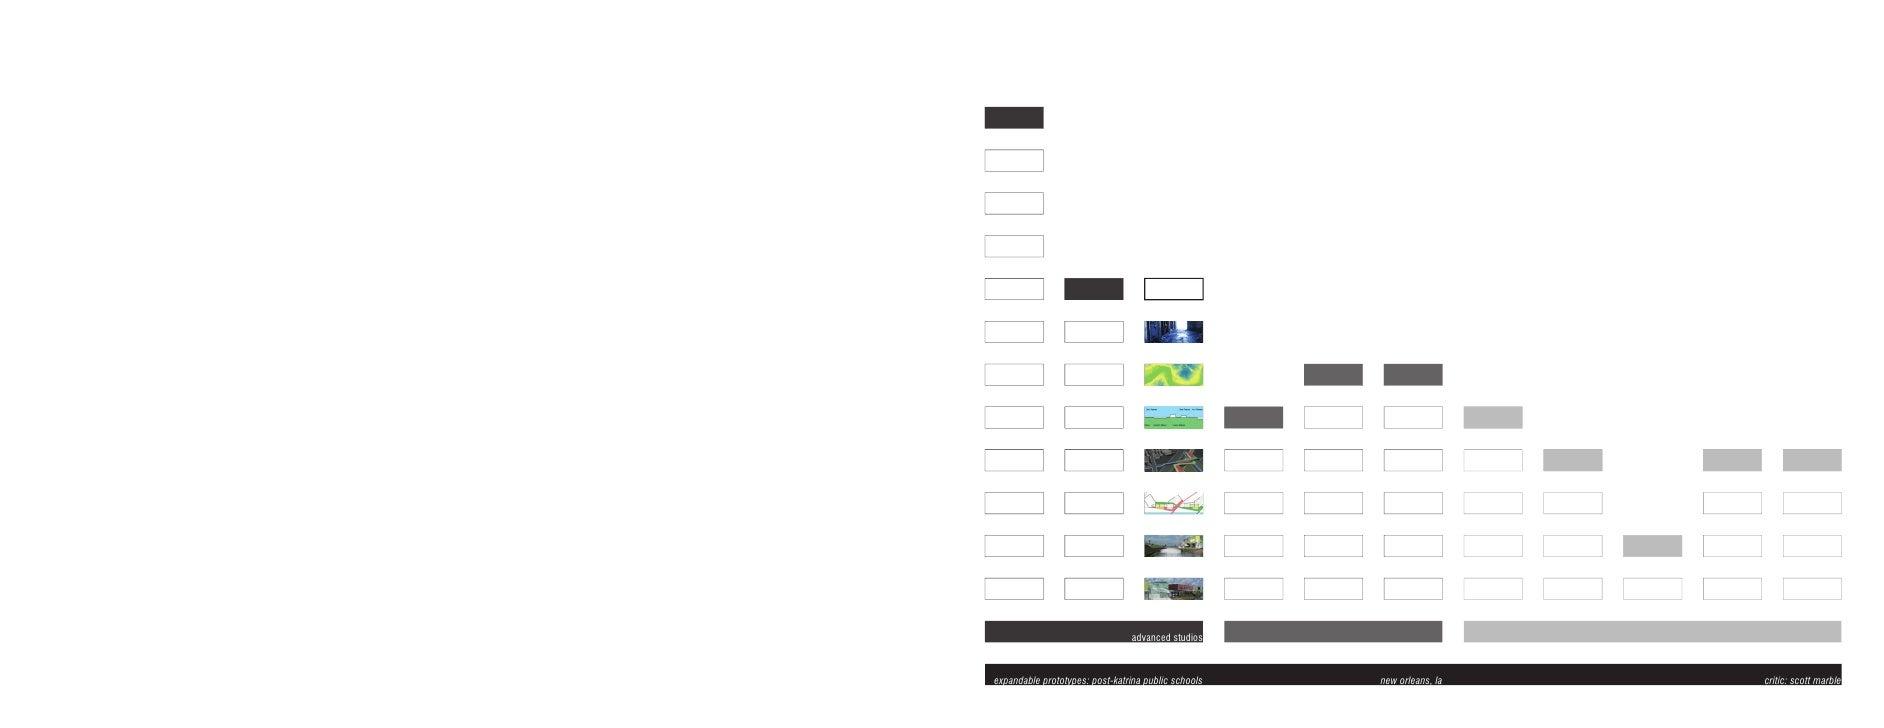 advanced studios    expandable prototypes: post-katrina public schools   new orleans, la   critic: scott marble